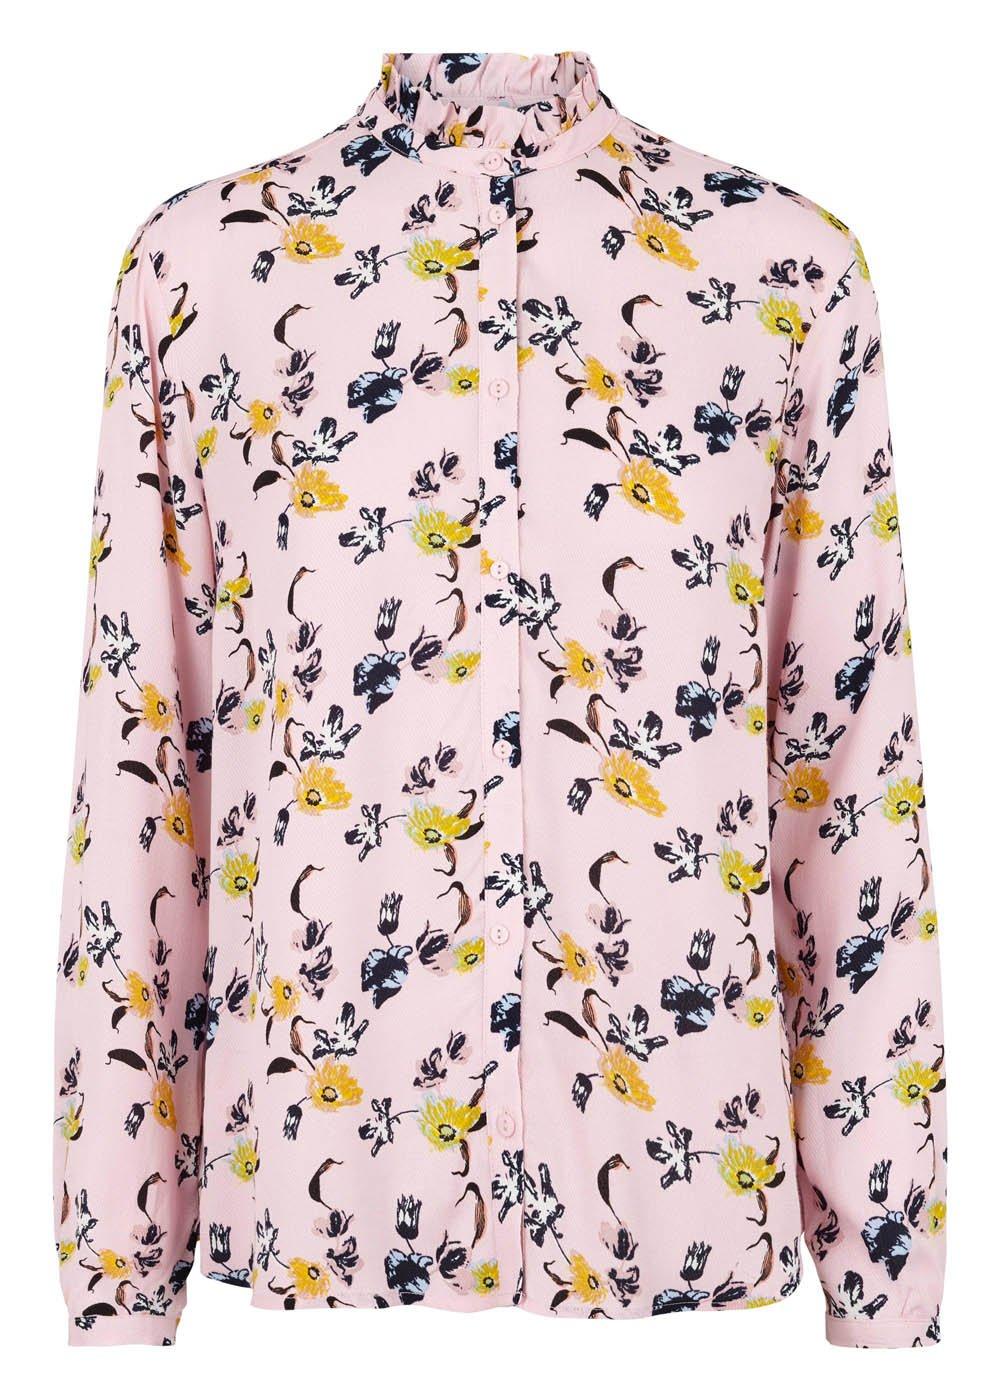 Fardosa Print Shirt - Pale Floral